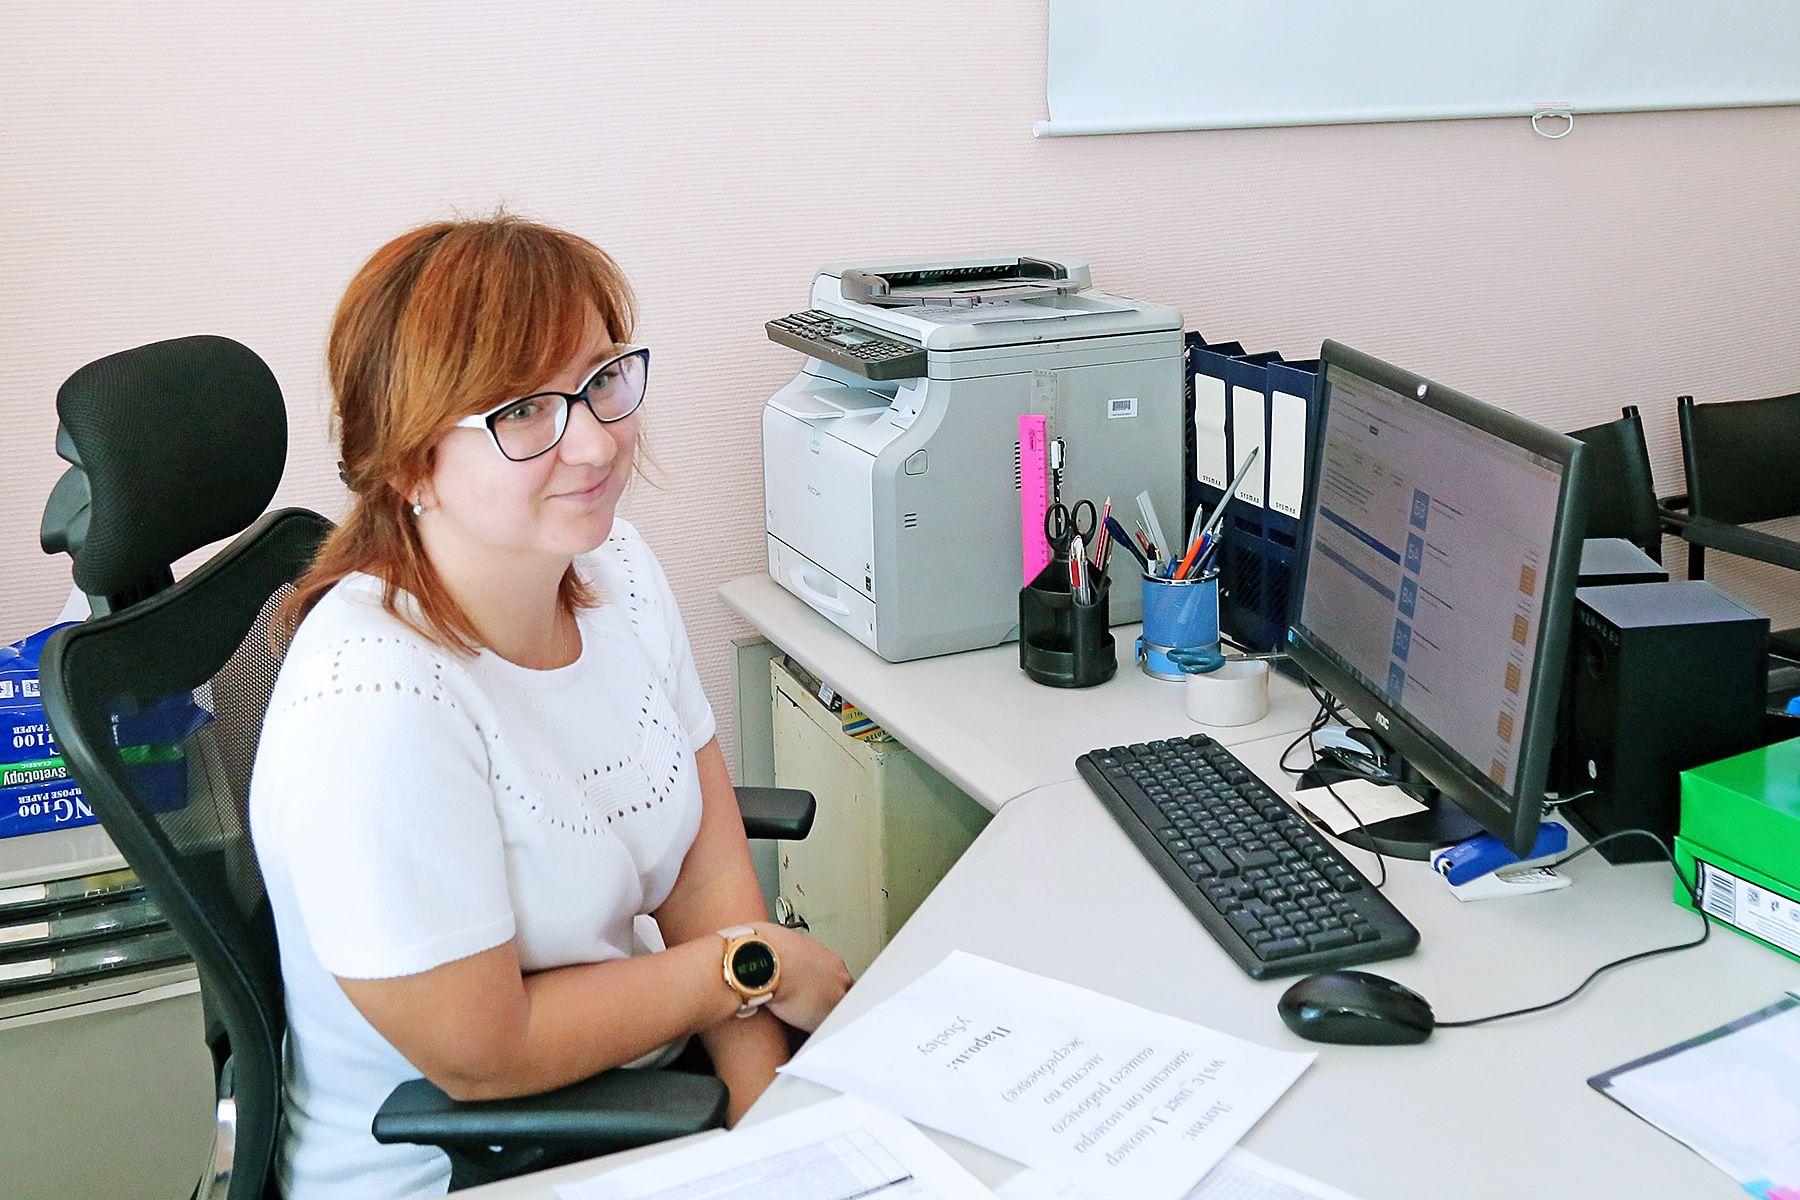 Эксперты демоэкзамена по стандартам Worldskills Russia во ВГУЭС: студенты должны показать навыки профессионального бухгалтера